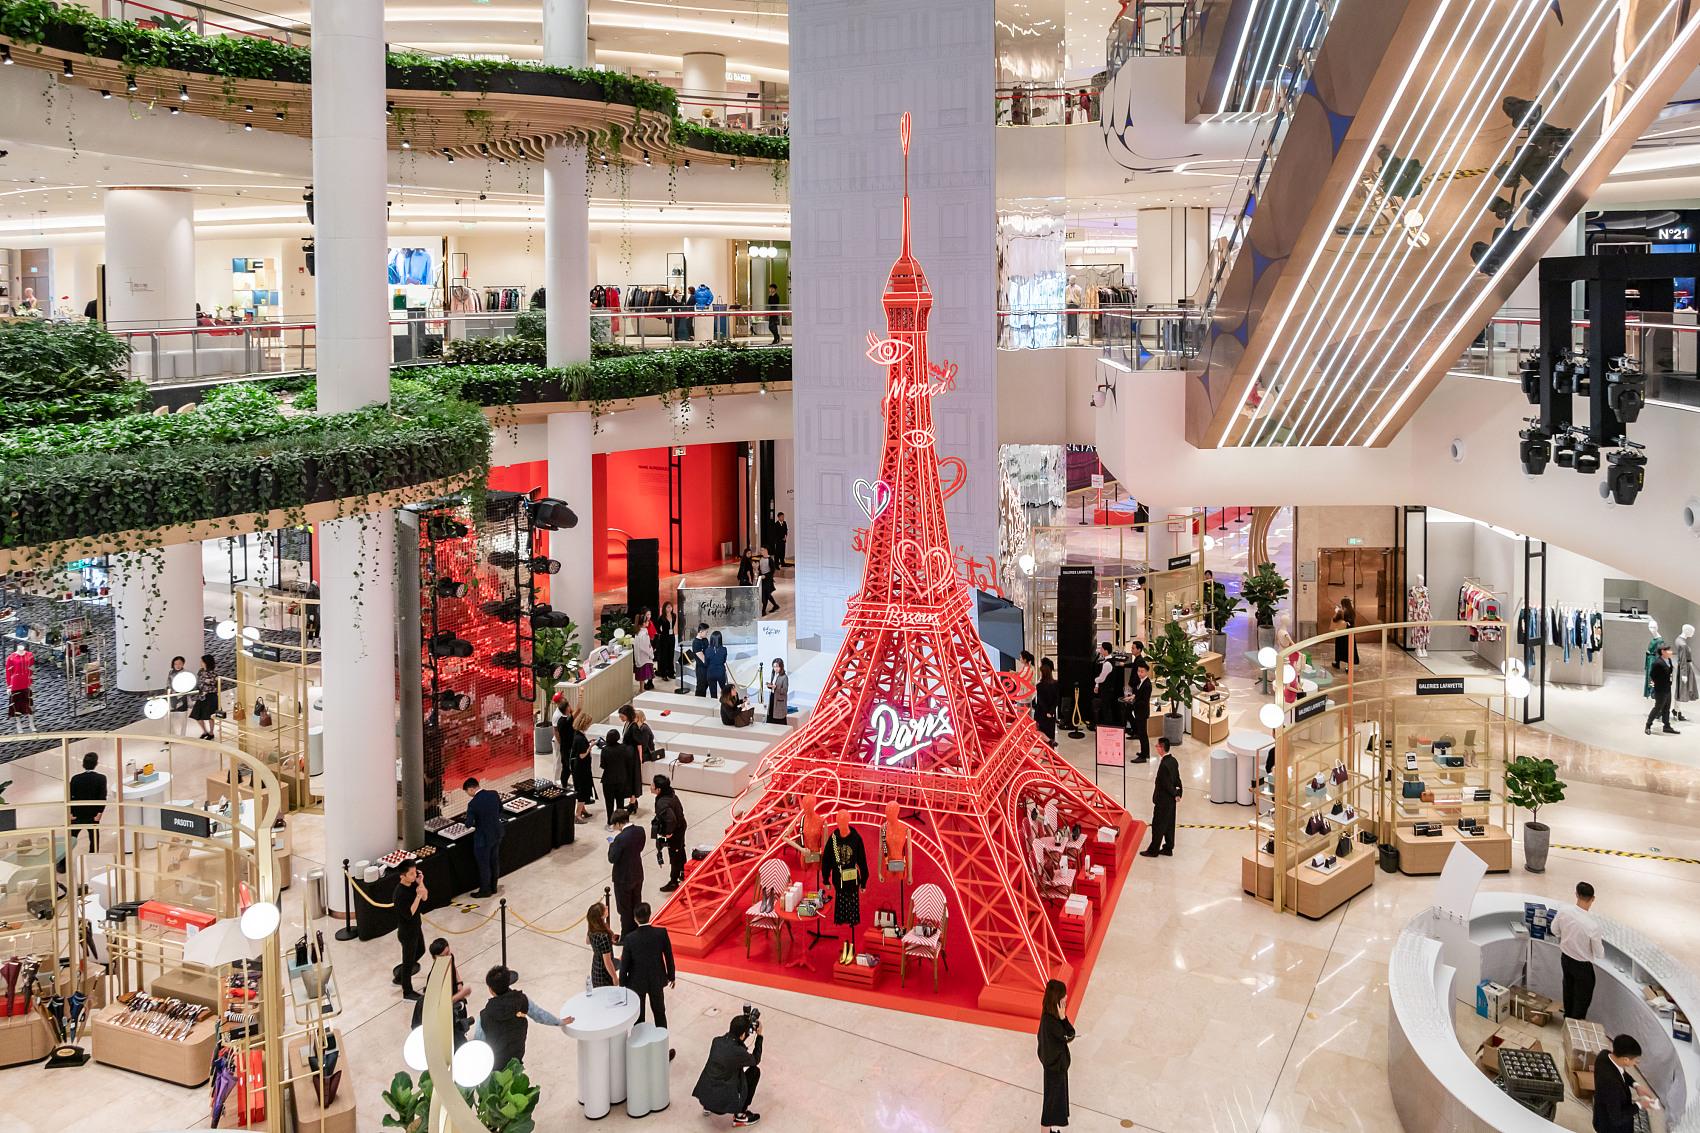 老佛爷百货的中国战略:北京上海之外再开8家店,到2025年实现年销售超10亿欧元